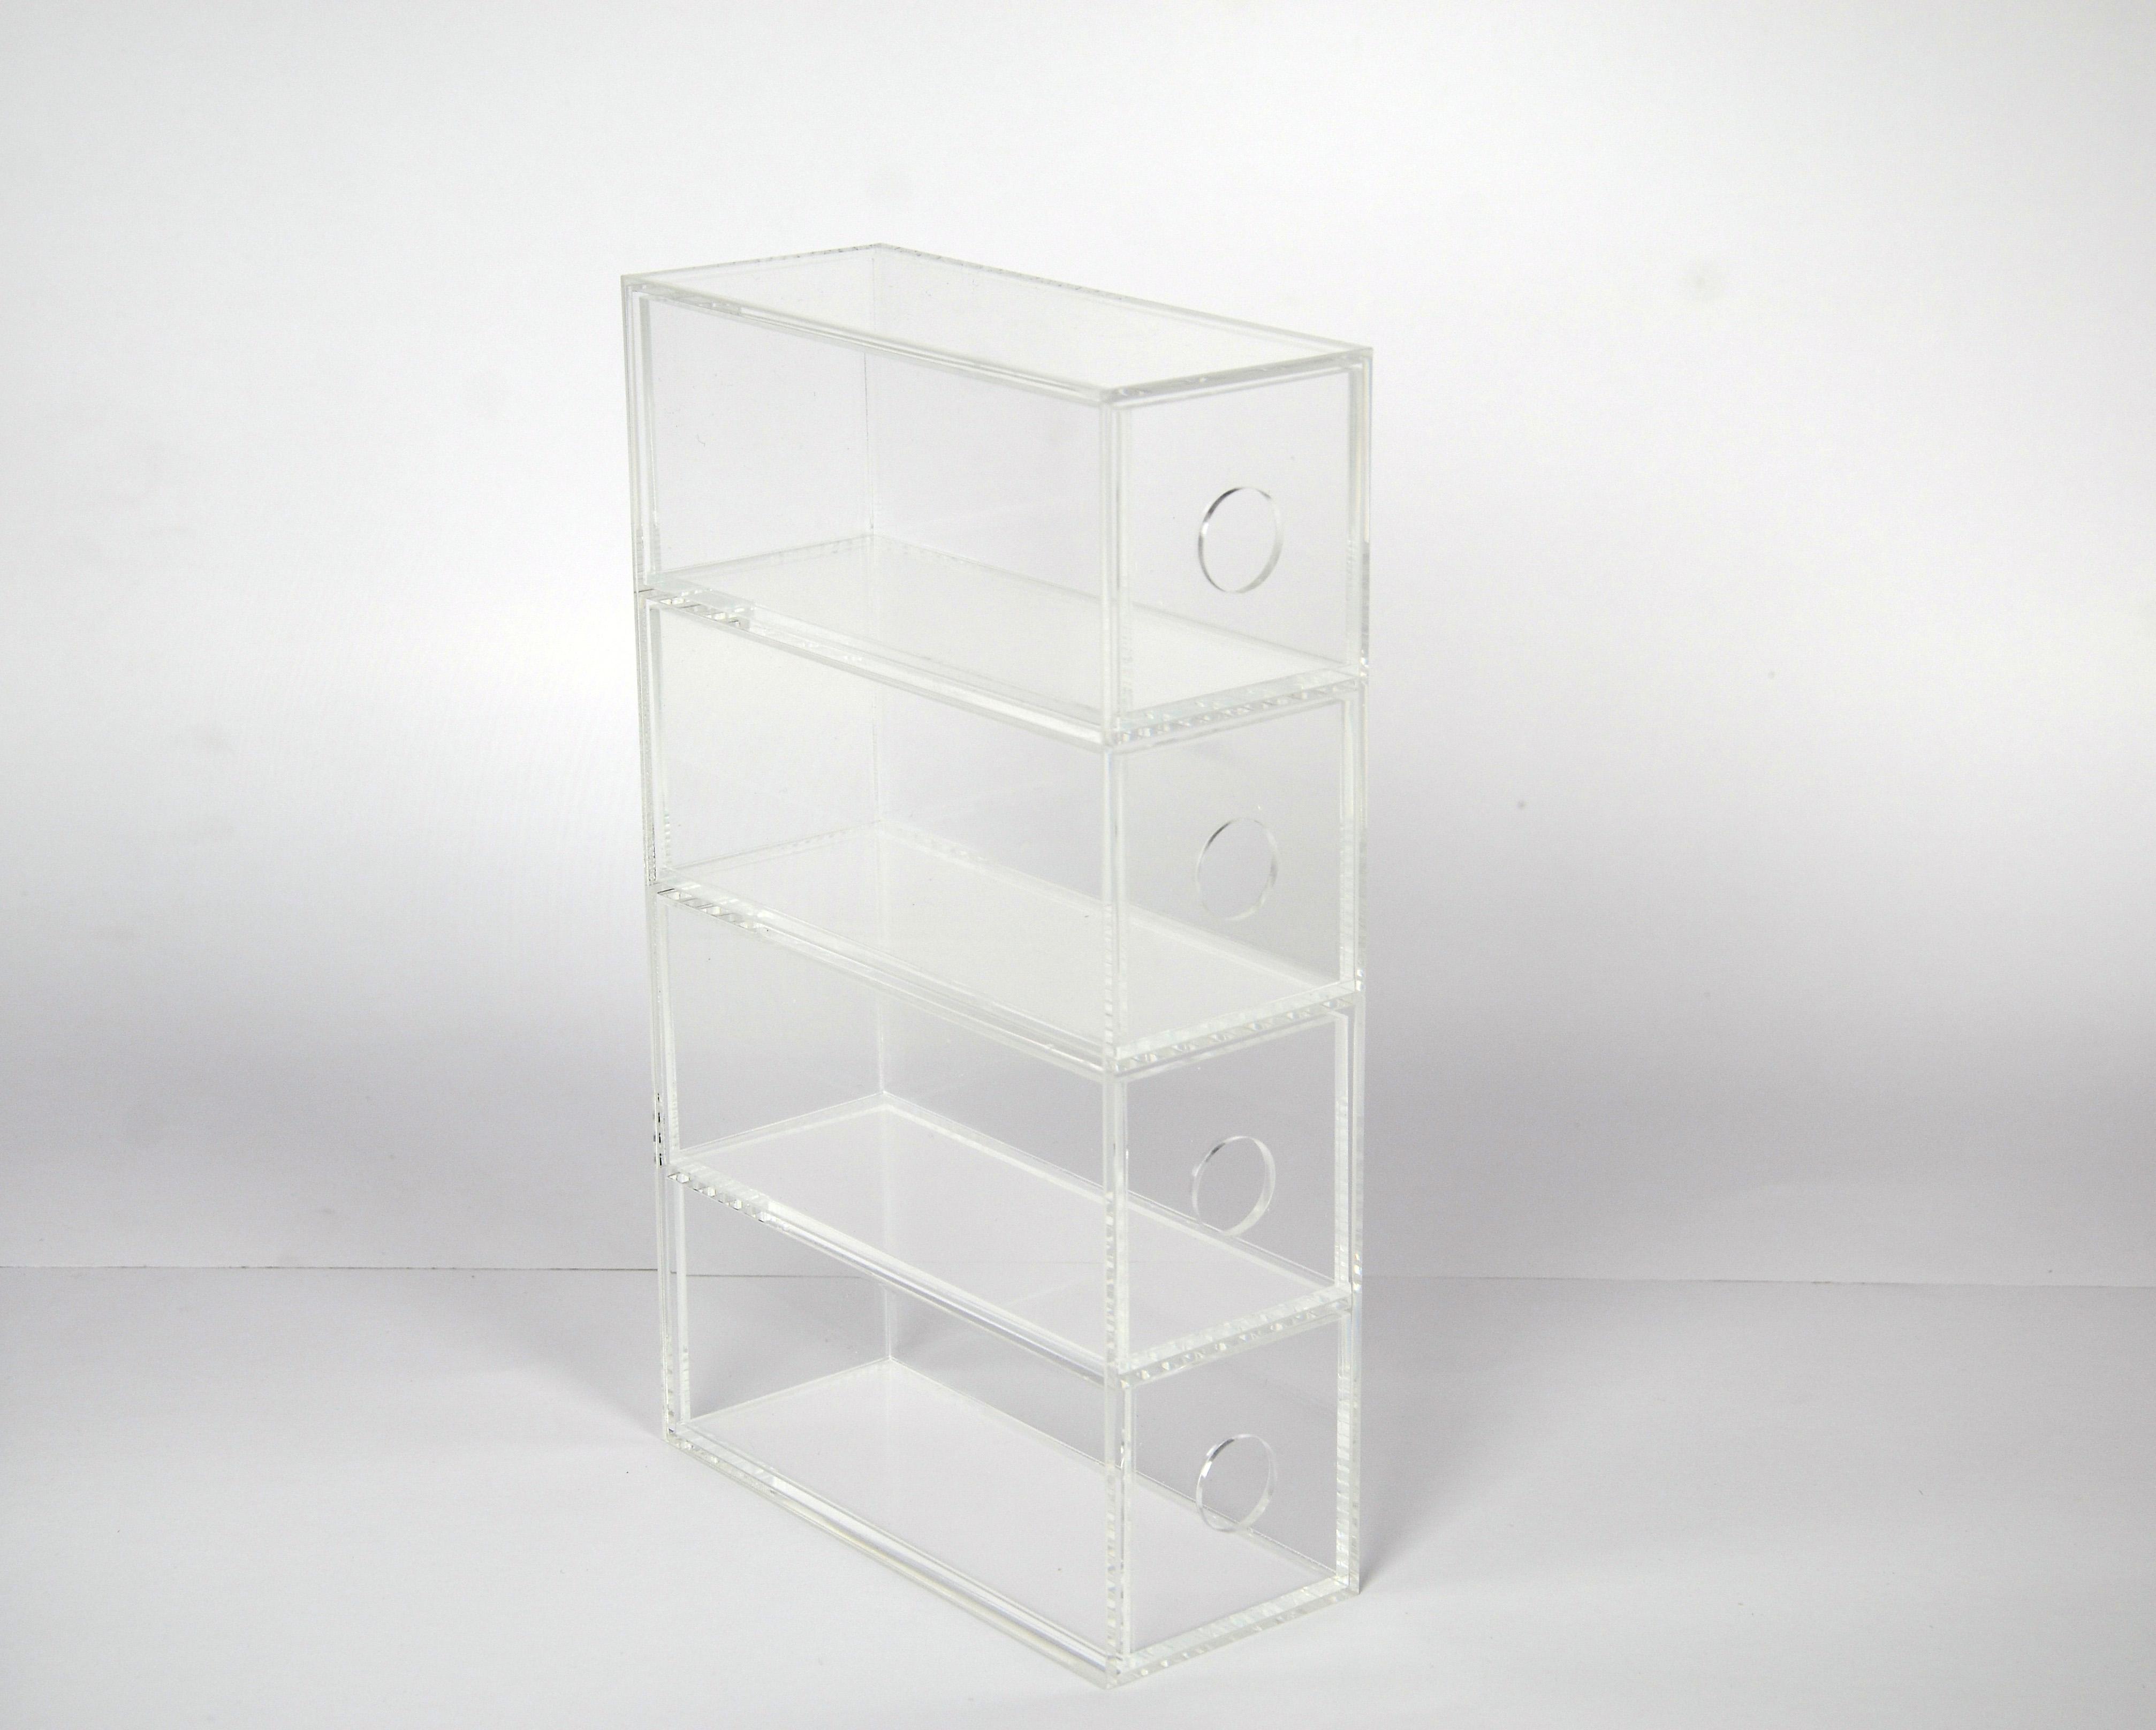 透明亚克力眼镜收纳盒桌面小物件收纳箱有机玻璃小零件抽屉式包邮